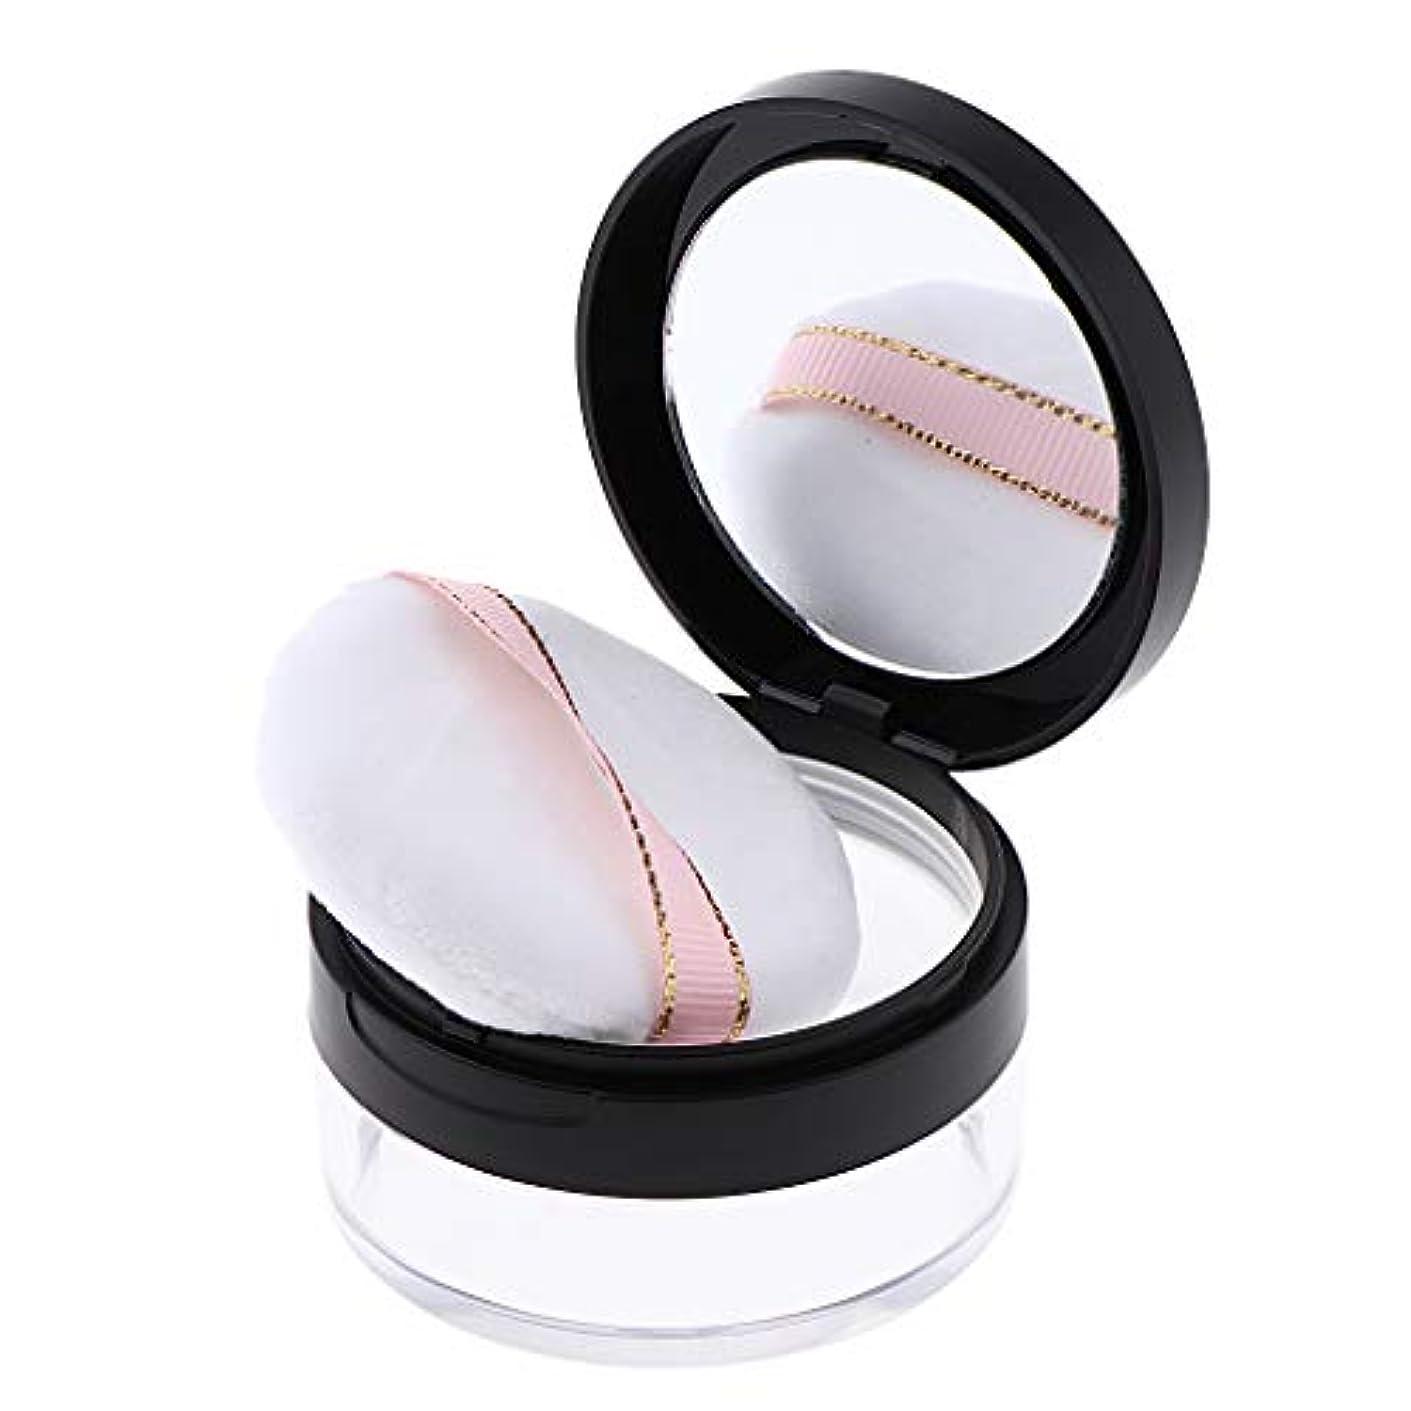 保護いくつかのヘルメットルースパウダーケース メイクアップ ミラー 化粧鏡 化粧パフ DIY コスメ 2色選べ - ブラック